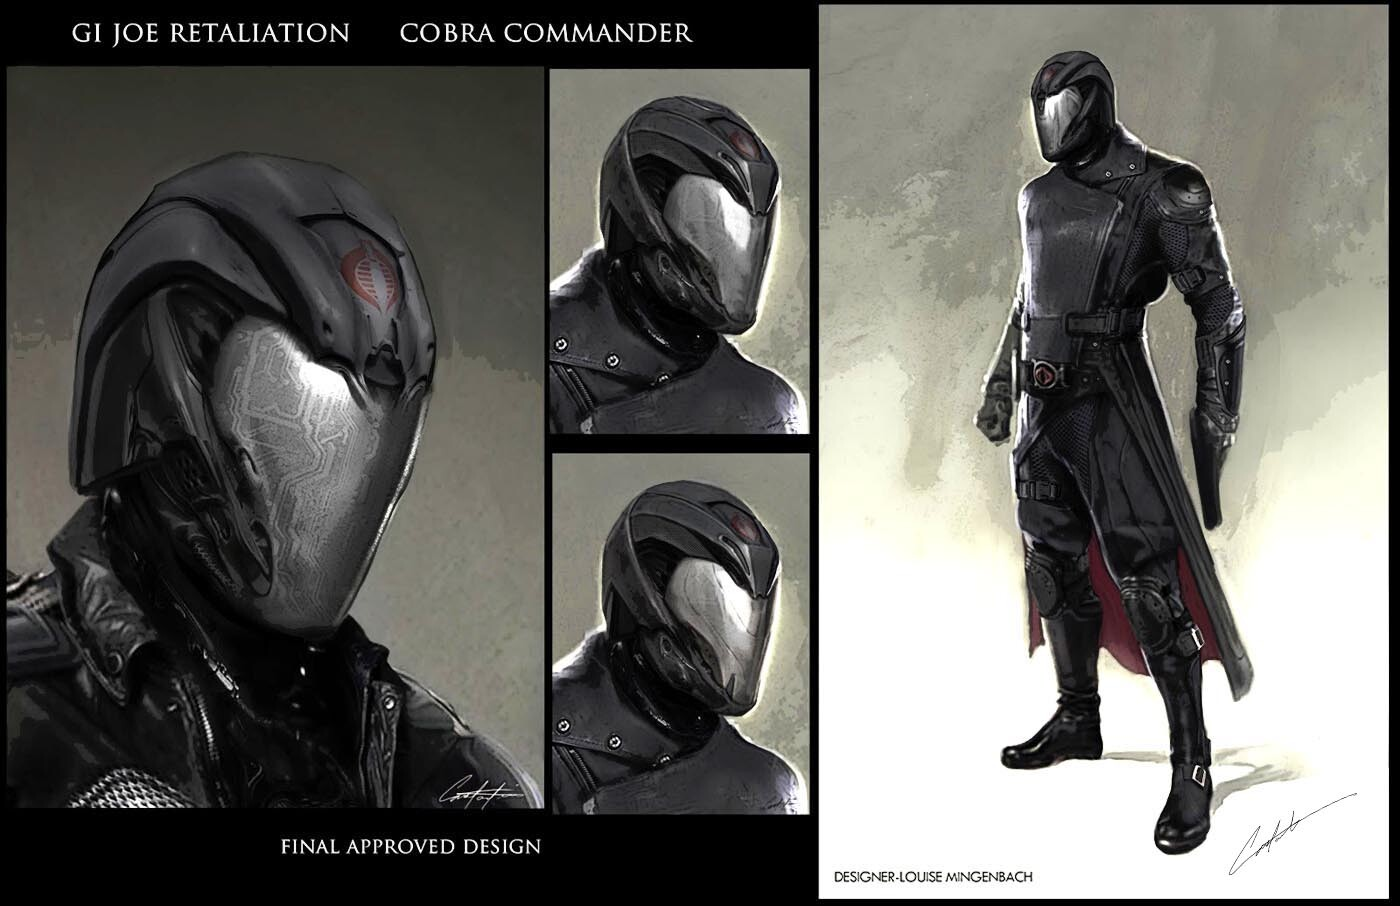 Cobra Commander final film helmet and character Concepts